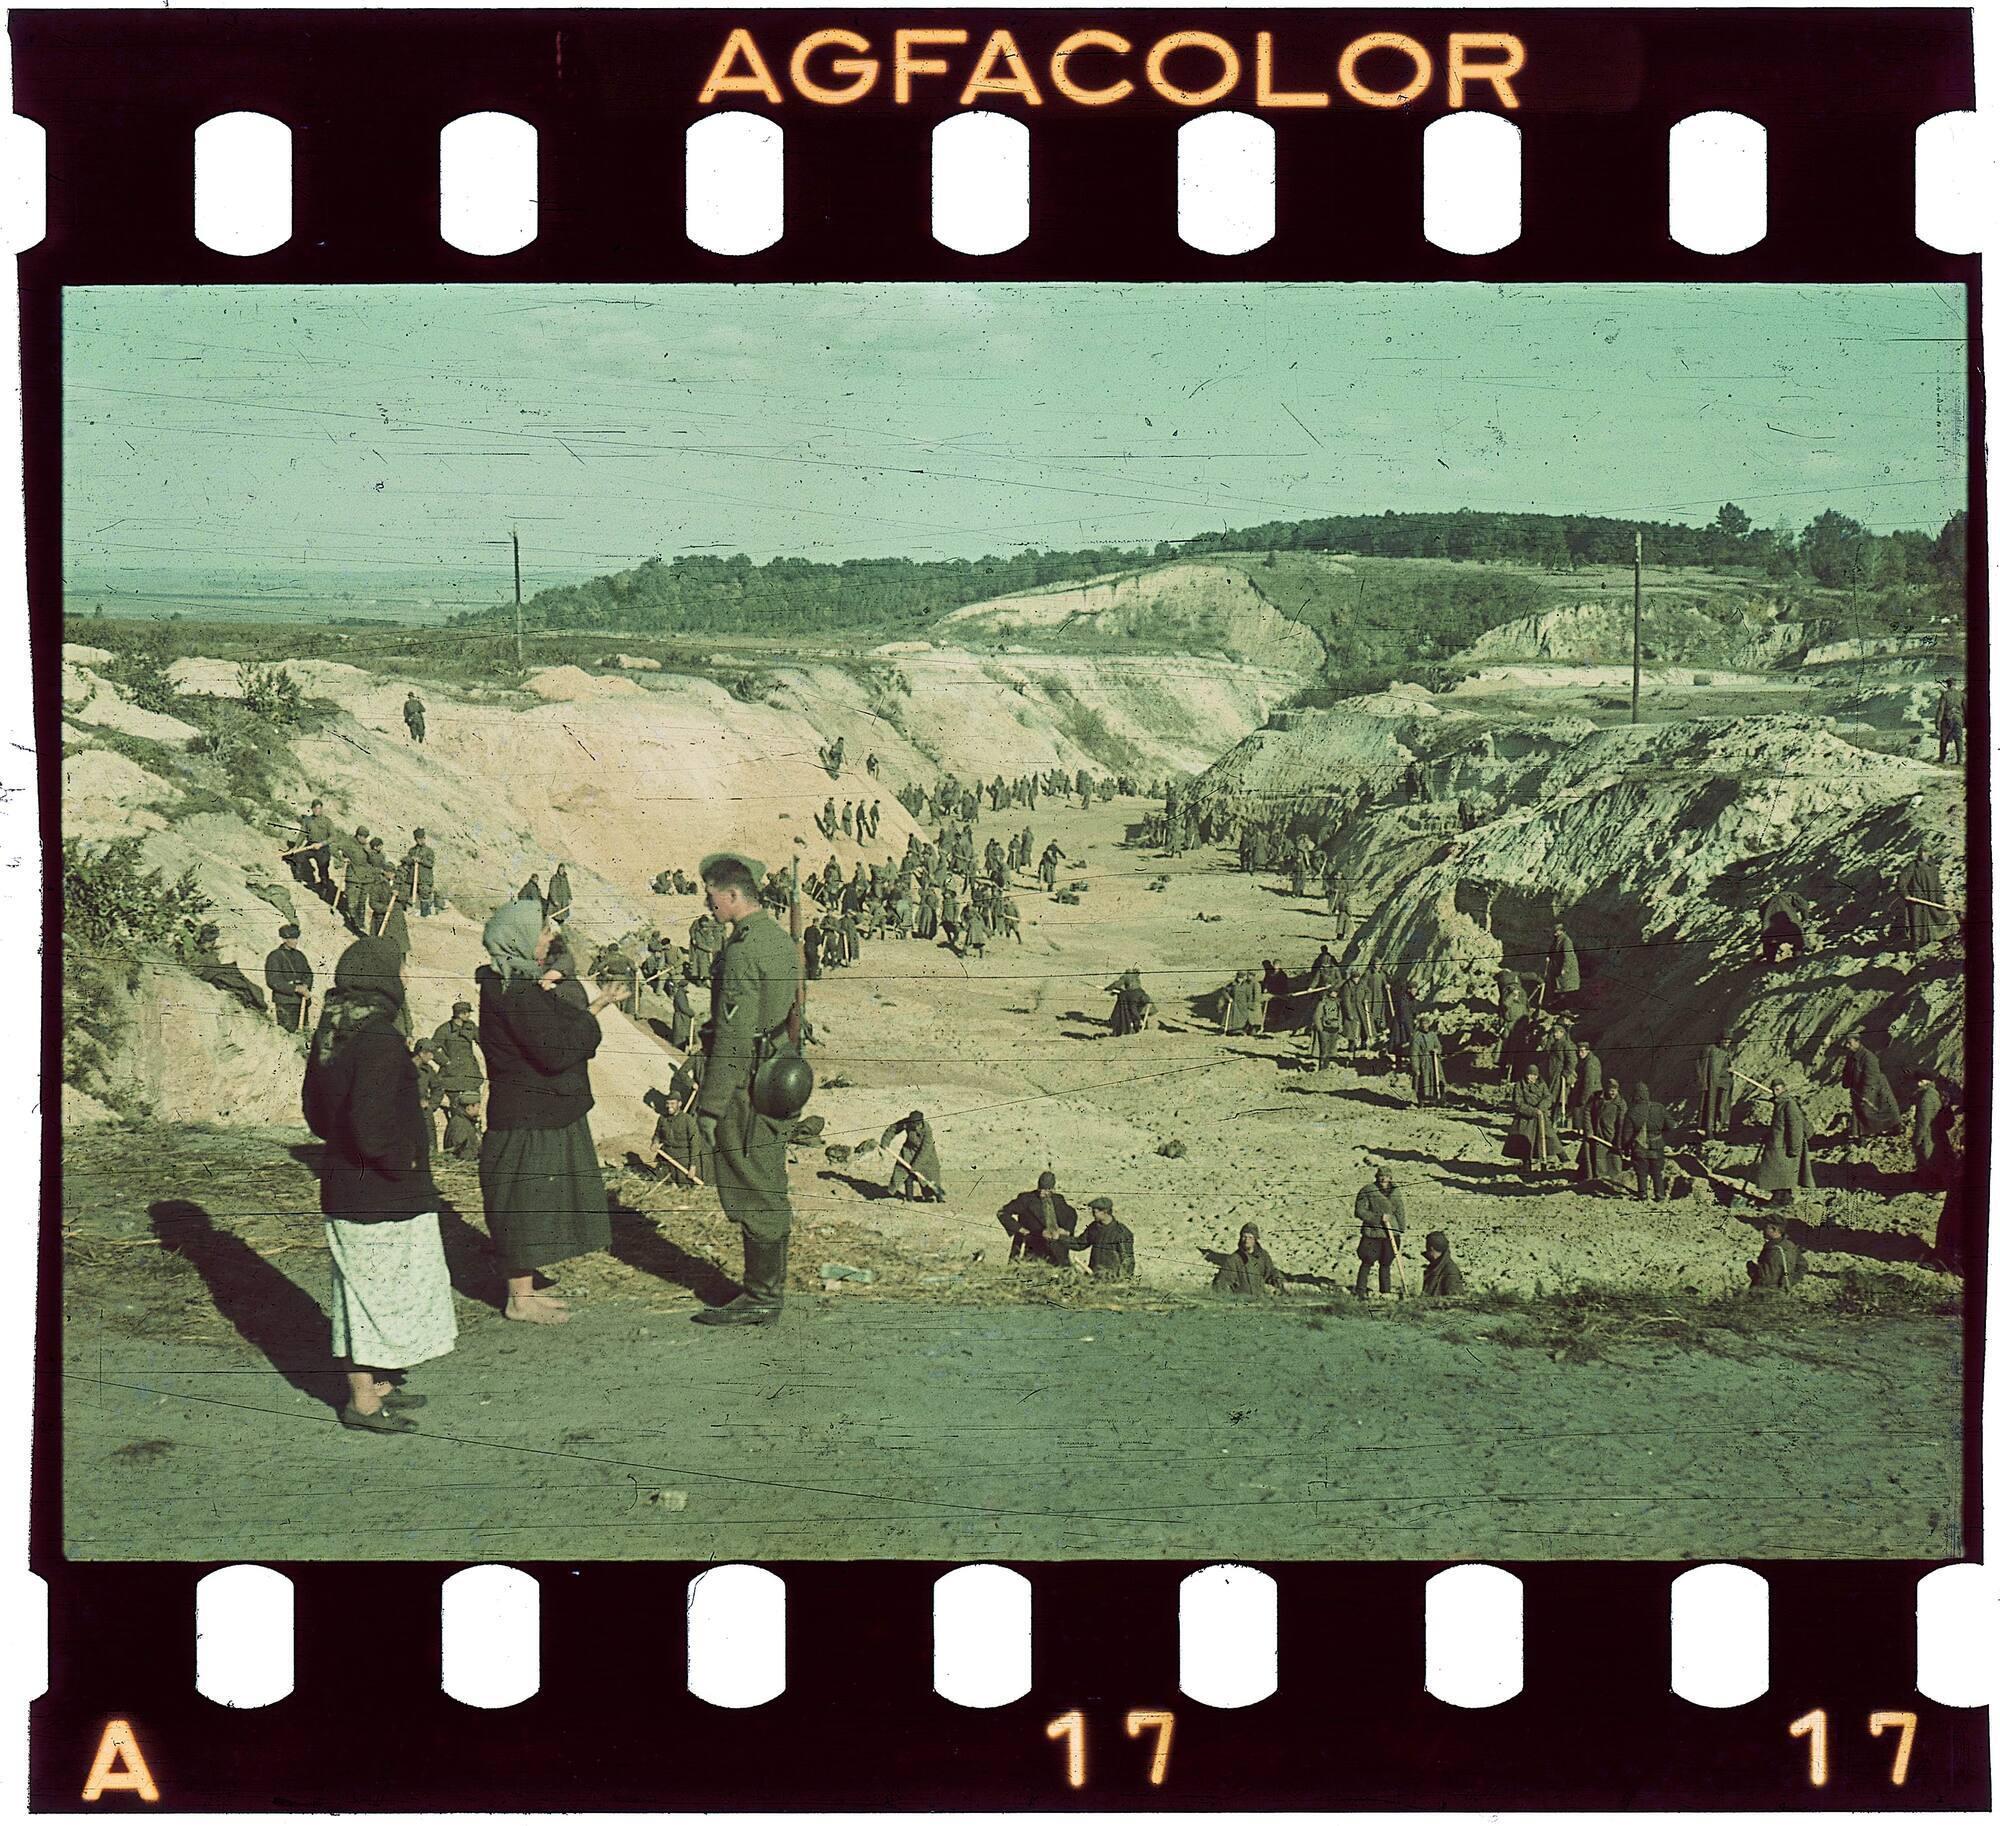 Военнопленные засыпают землей участок Бабьего Яра, где лежат тела почти 34 тысяч расстрелянных киевских евреев. Автор фото: Йоханнес Хеле, начало октября 1941 год